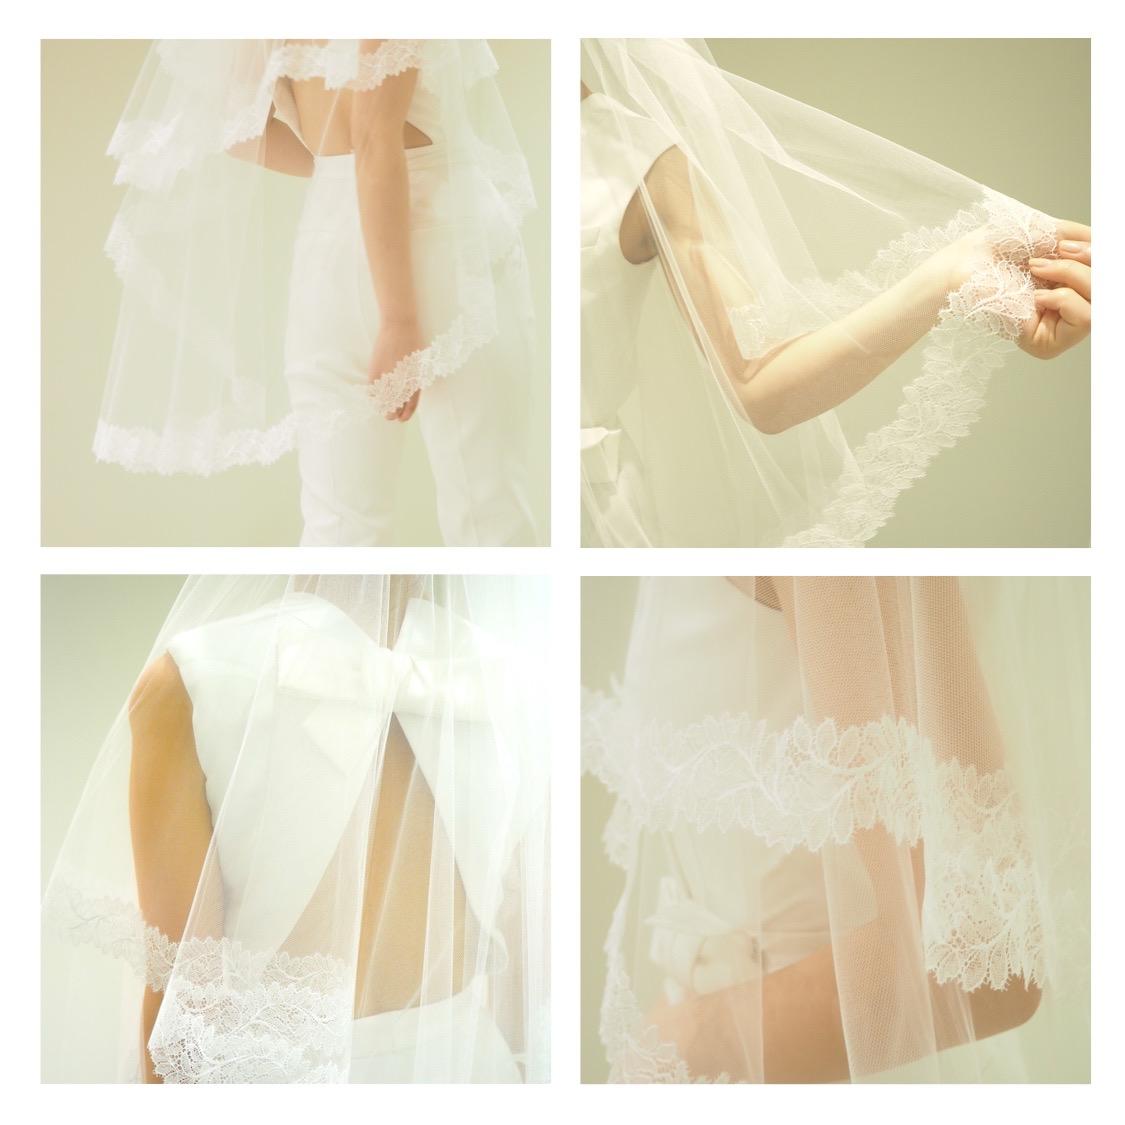 パンツスタイルのドレスに合わせる美しいレースのショートベールは、沢山のコーディネートが出来る遊び心のあるアイテムです